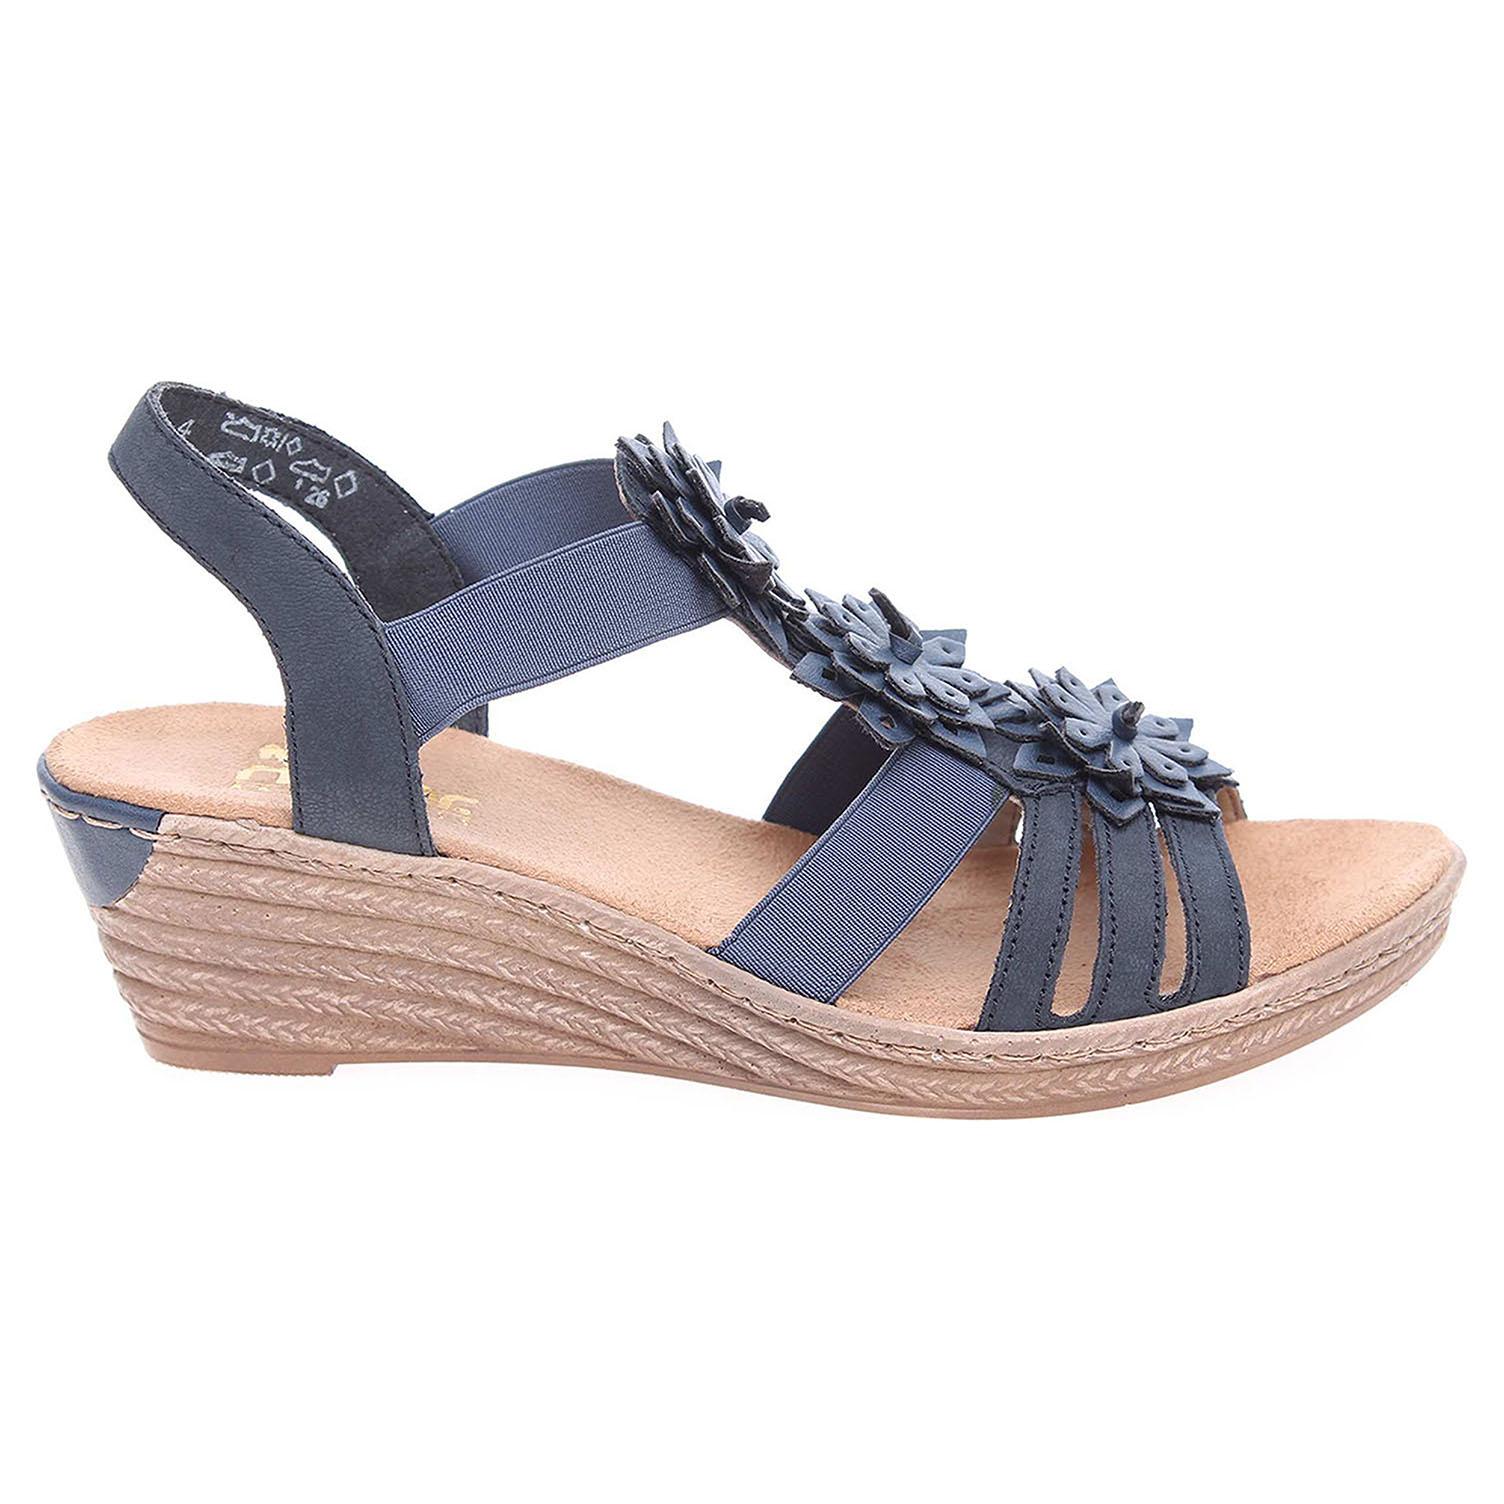 Ecco Rieker dámské sandály 62461-14 modré 23801111